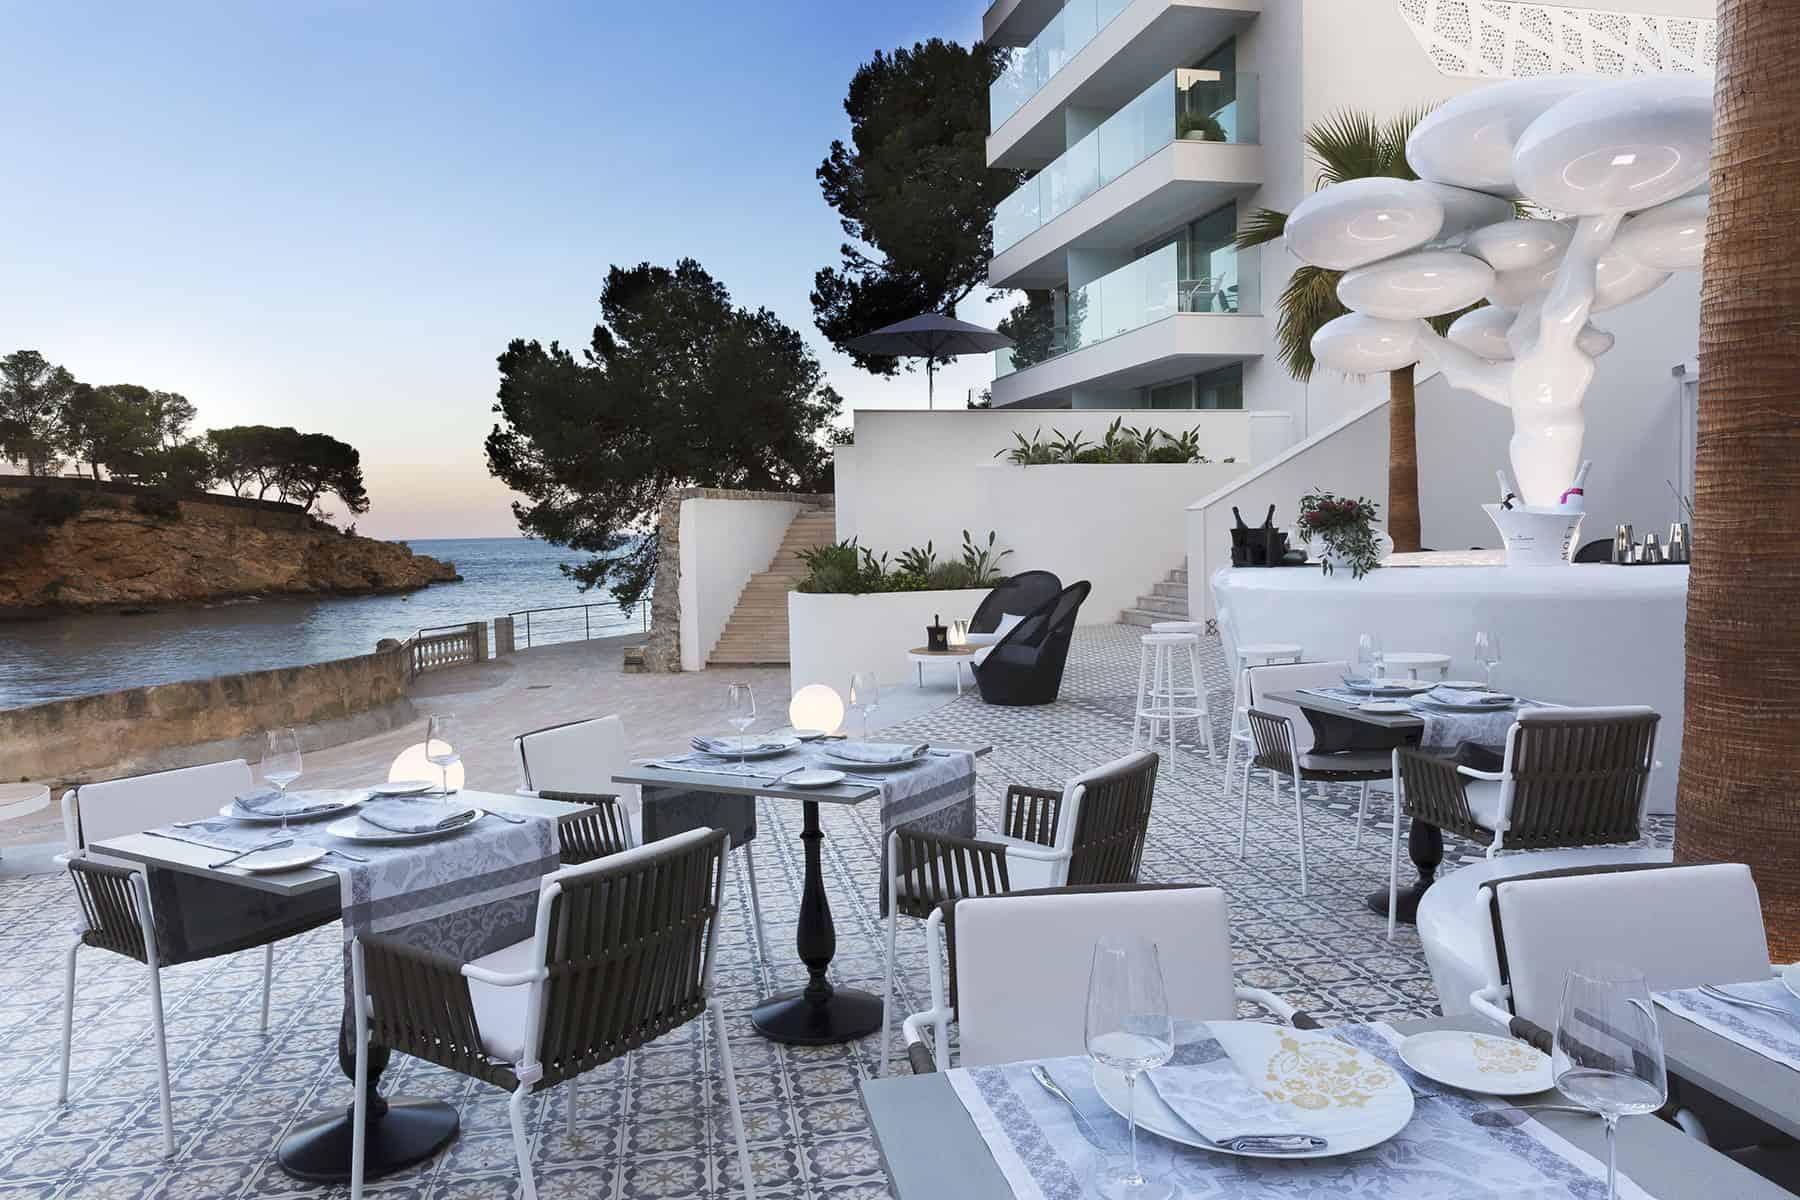 Resor-till-Mallorca-med-boende-i-Palma-Grand-Hotel-Portal-Nous8-med-Nygren-Lind-Resebyrå